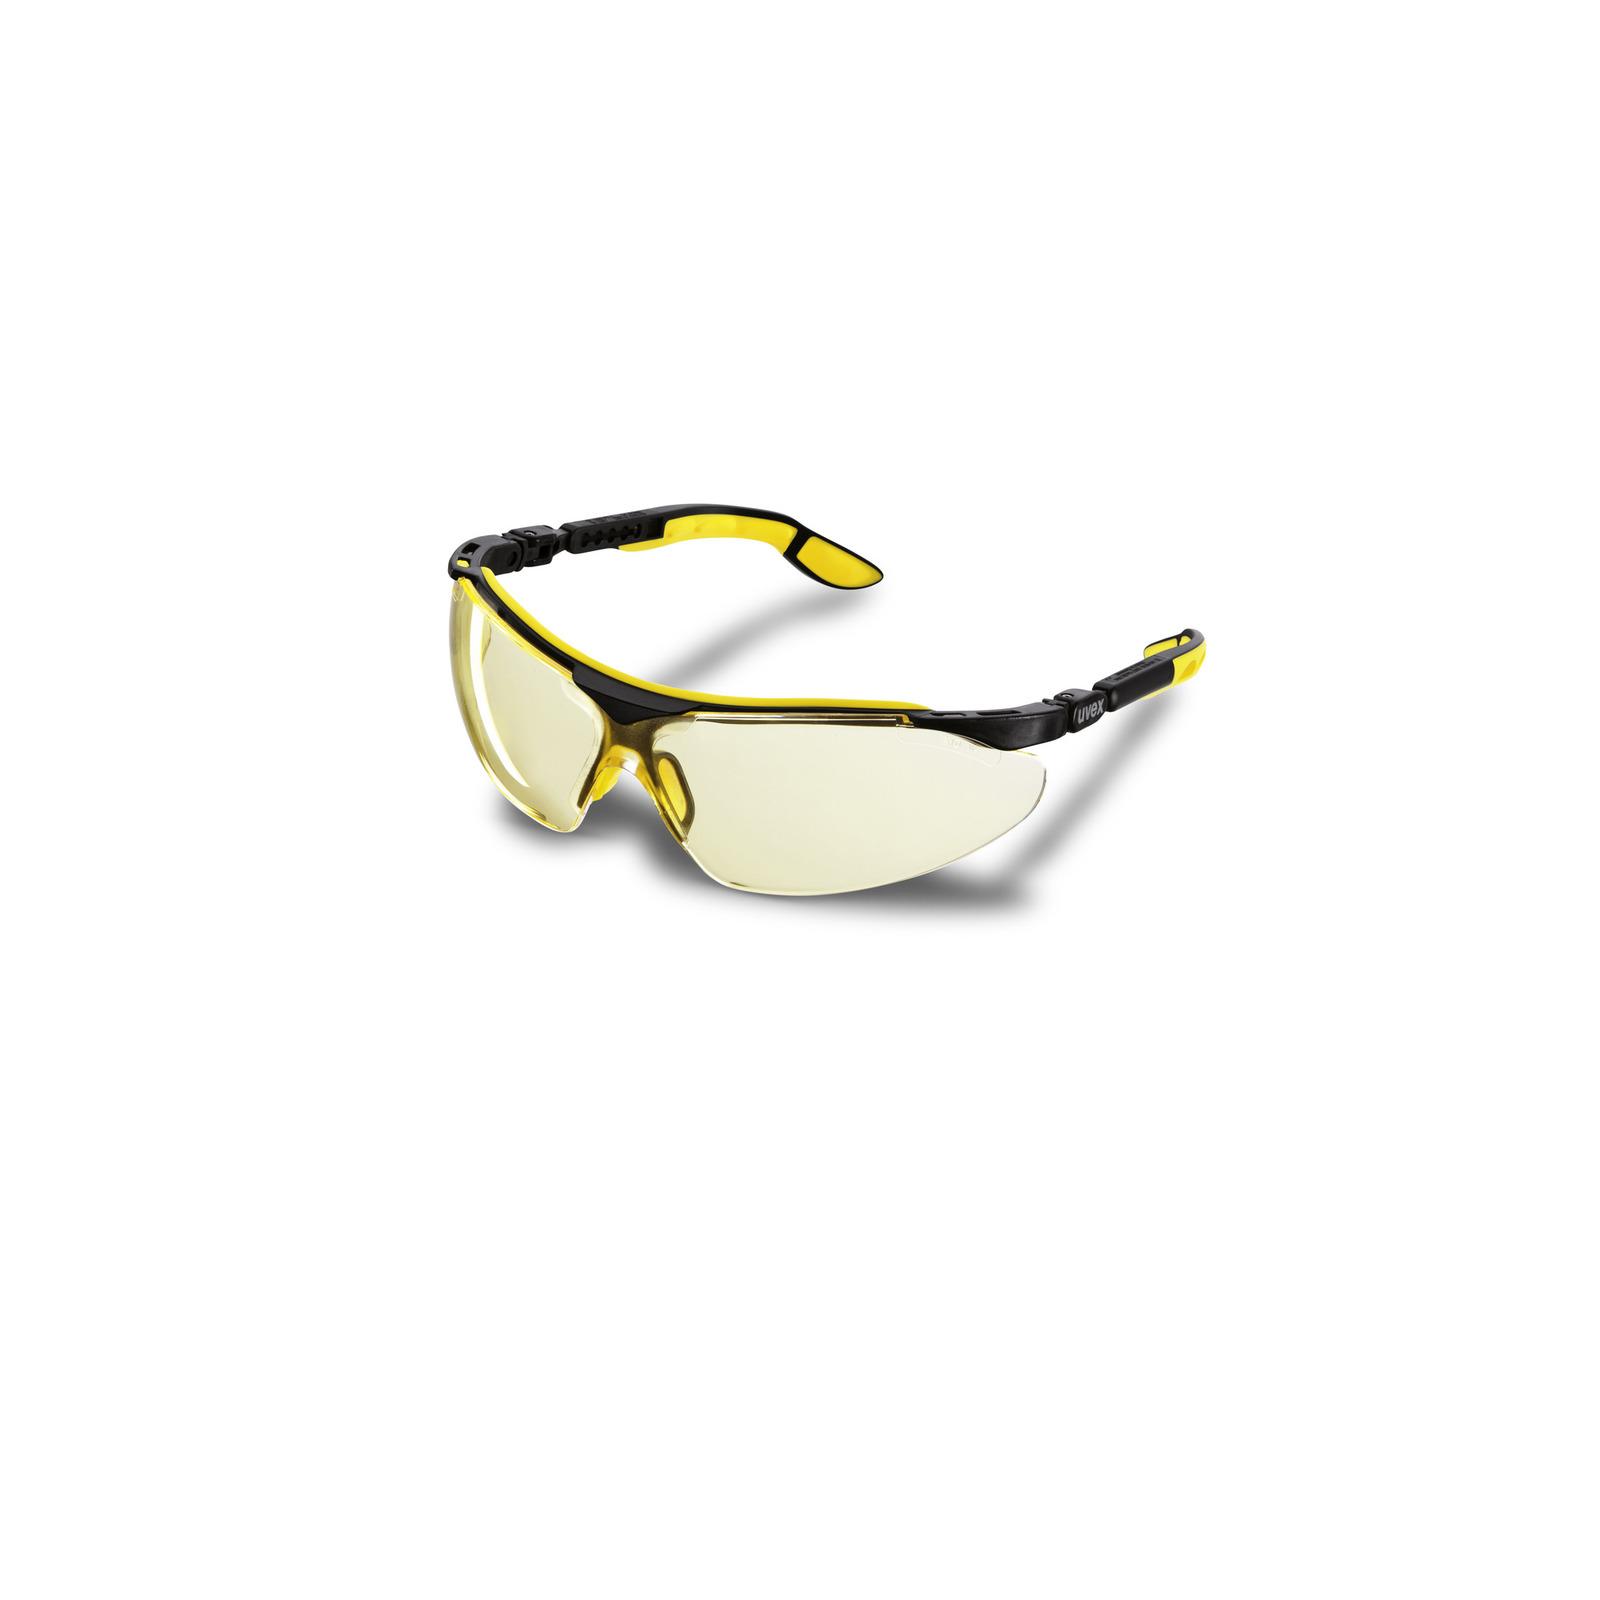 Купить защитные очки для повышения контрастности Керхер  цена, отзывы в  официальном интернет-магазине   Керхер 57246c558c9